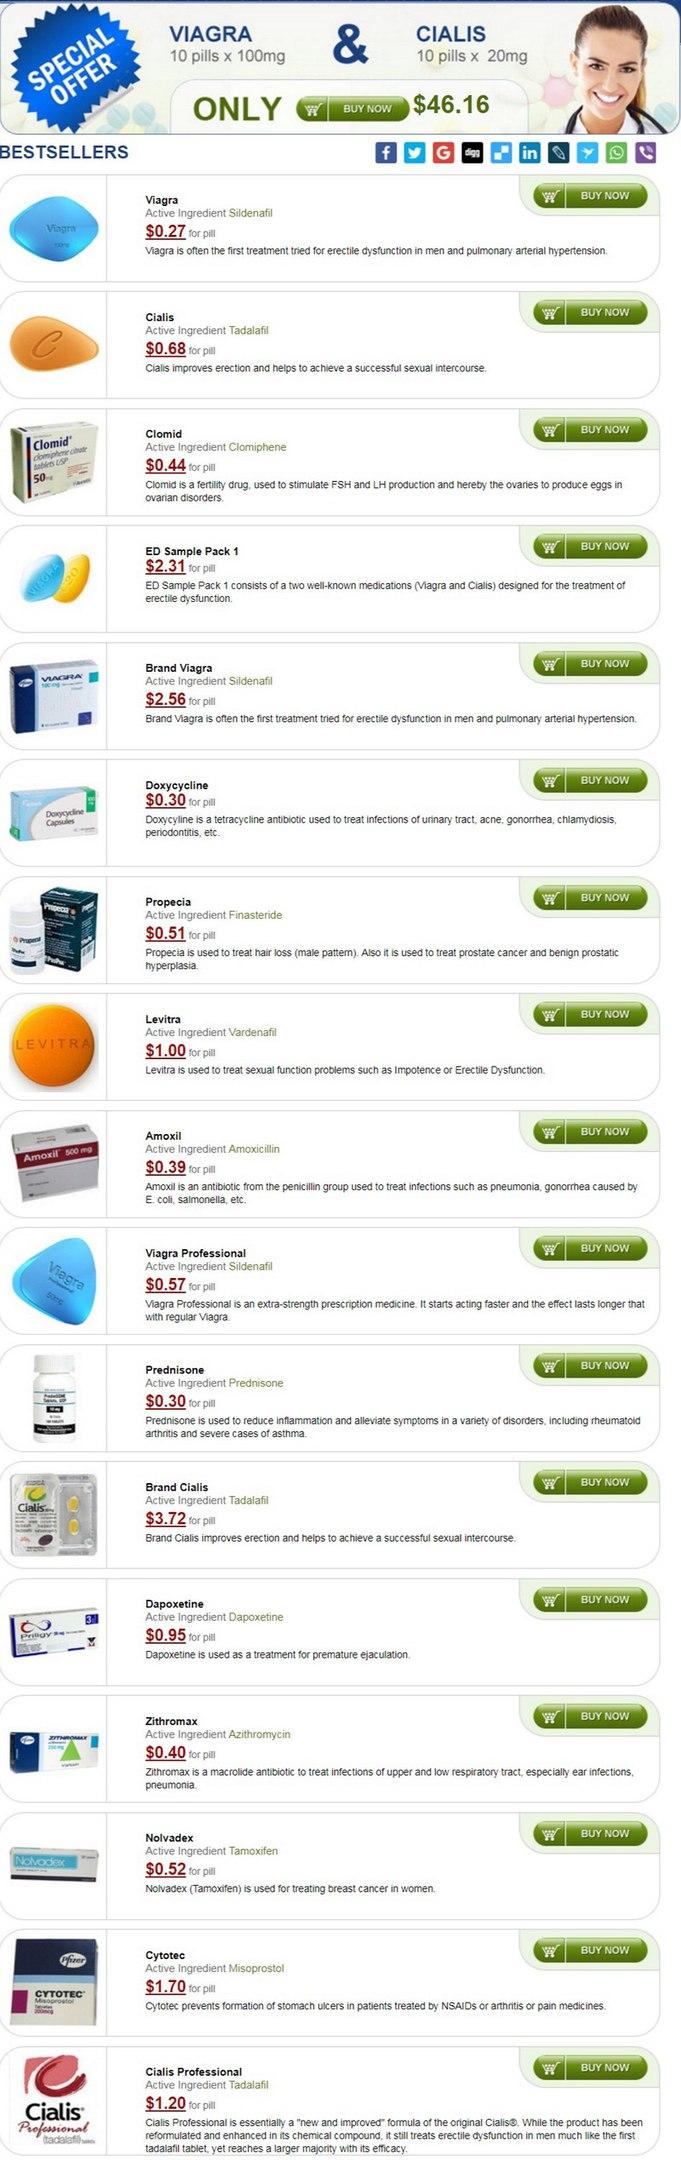 Buy amoxicillin from mexico.doc - Buy Amoxicillin From Mexico.doc 2